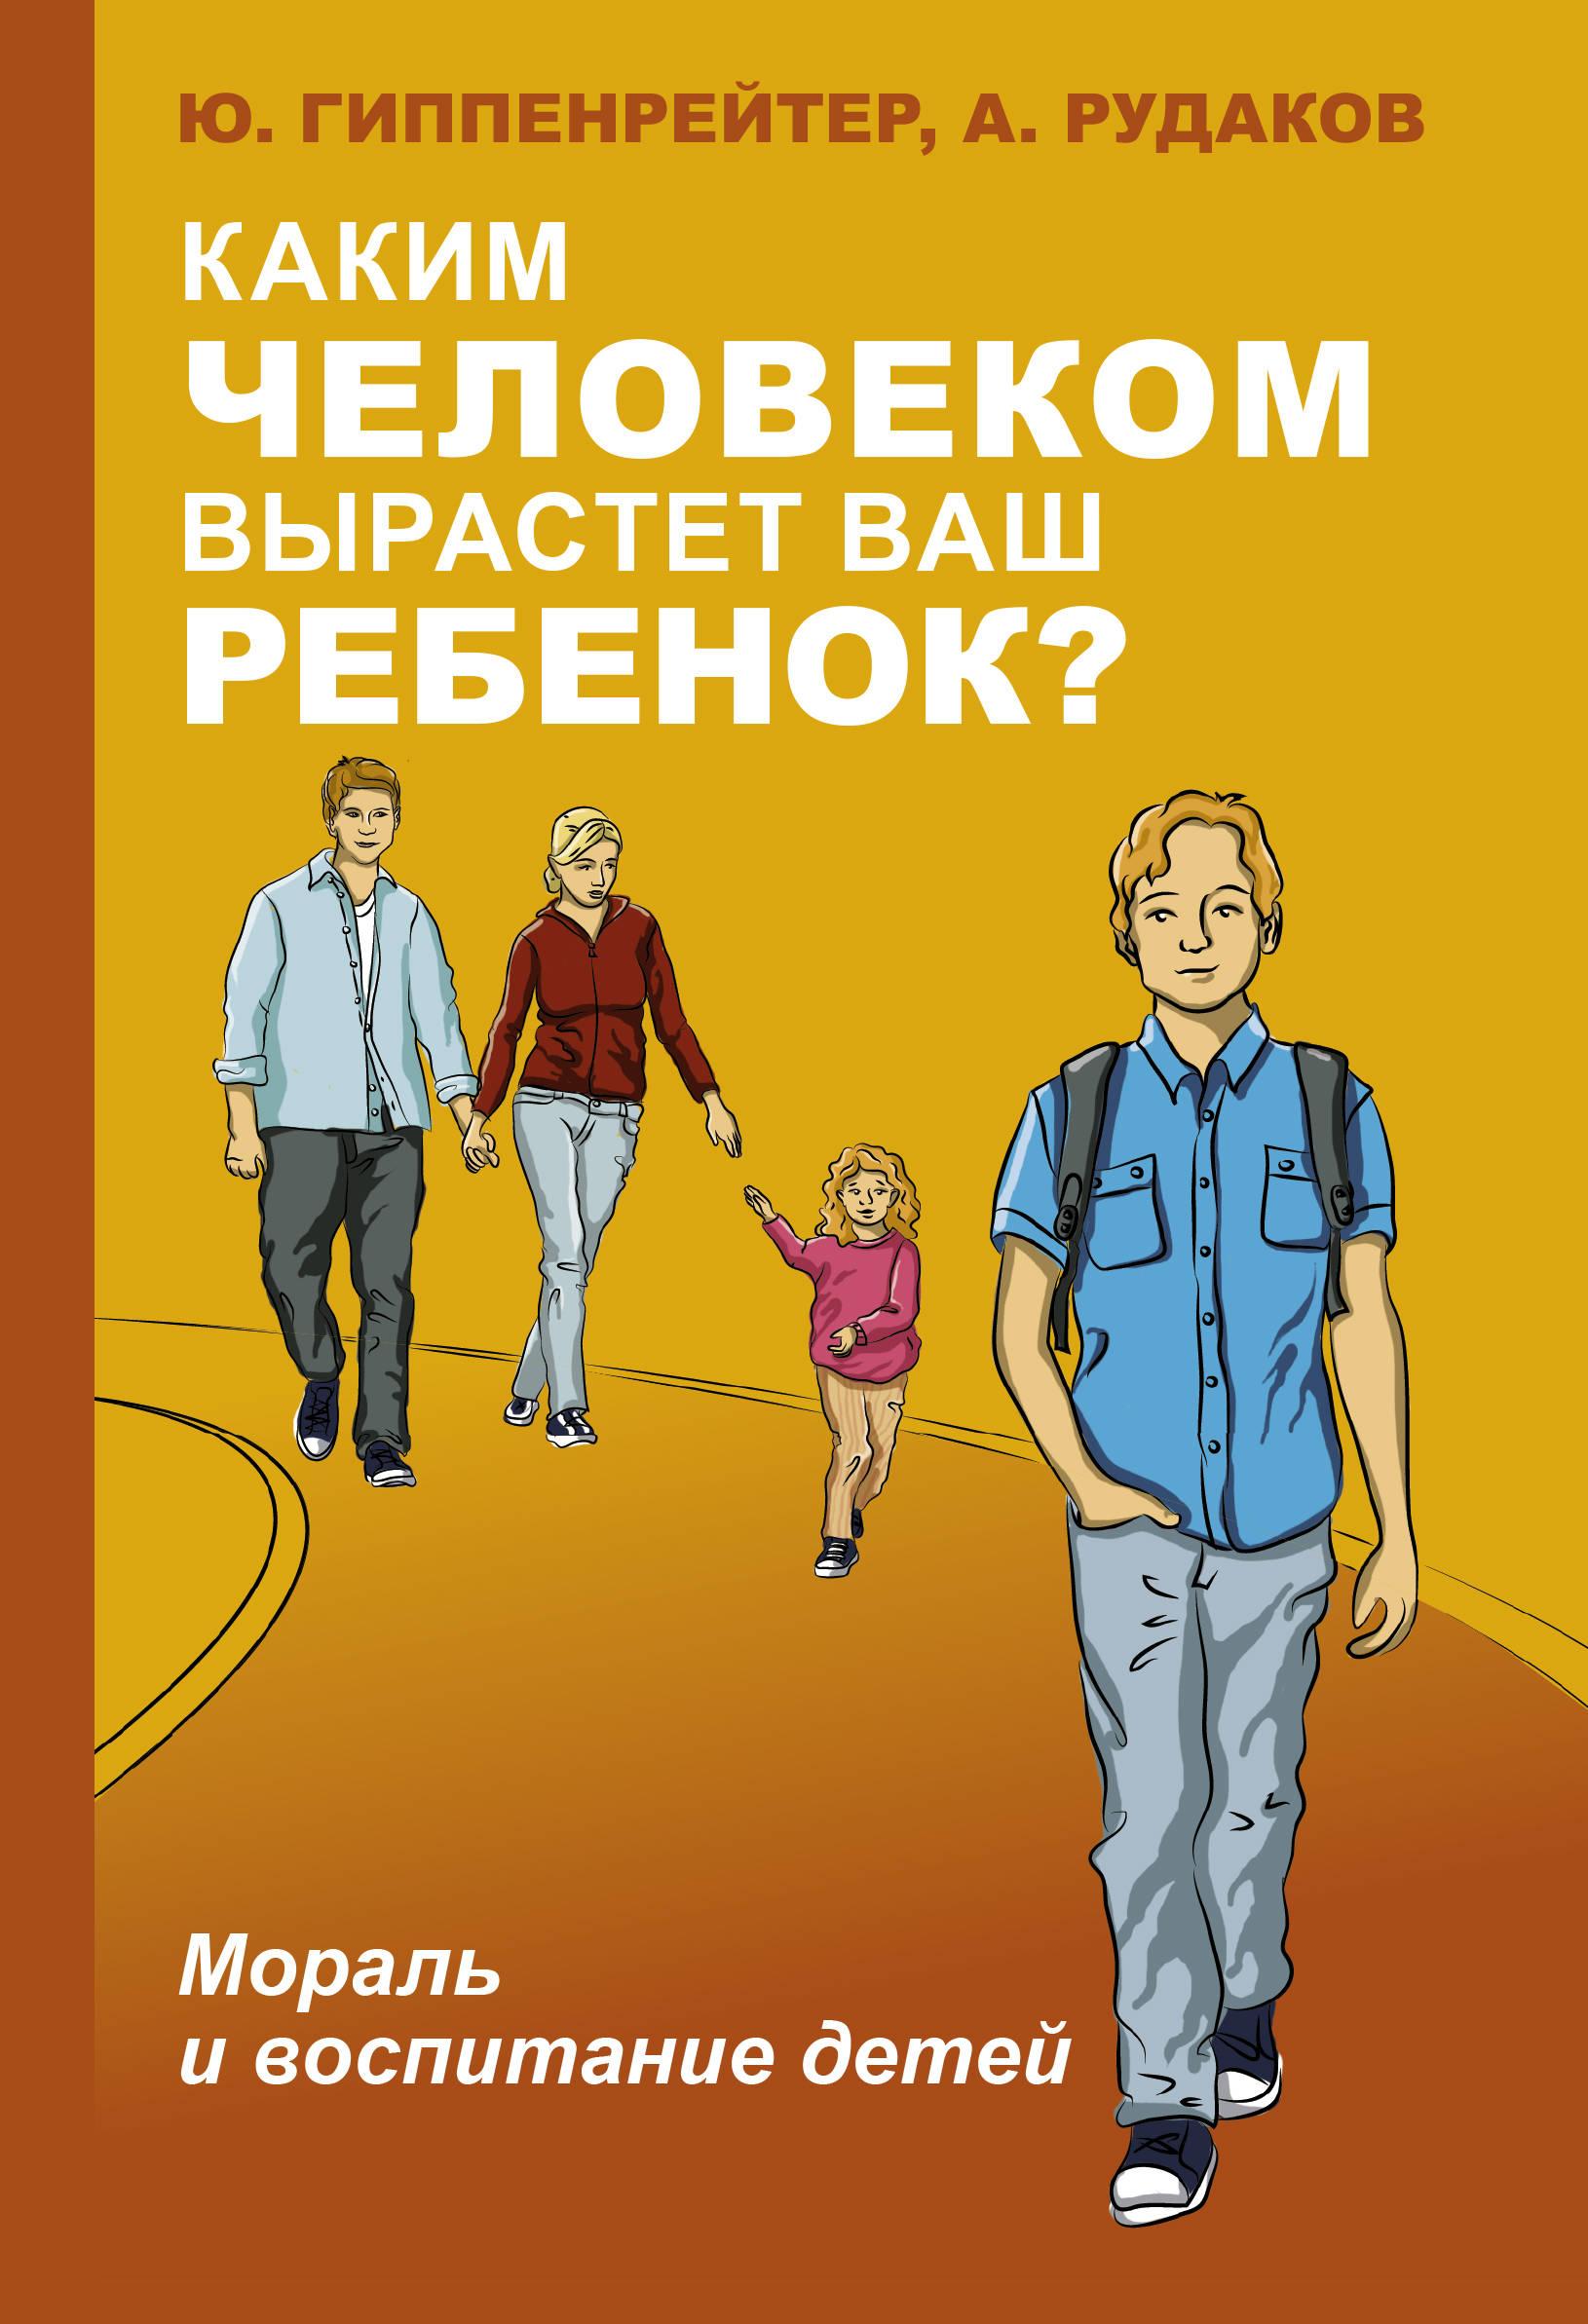 Гиппенрейтер Юлия Борисовна Каким человеком вырастет ваш ребенок? Мораль и воспитание детей